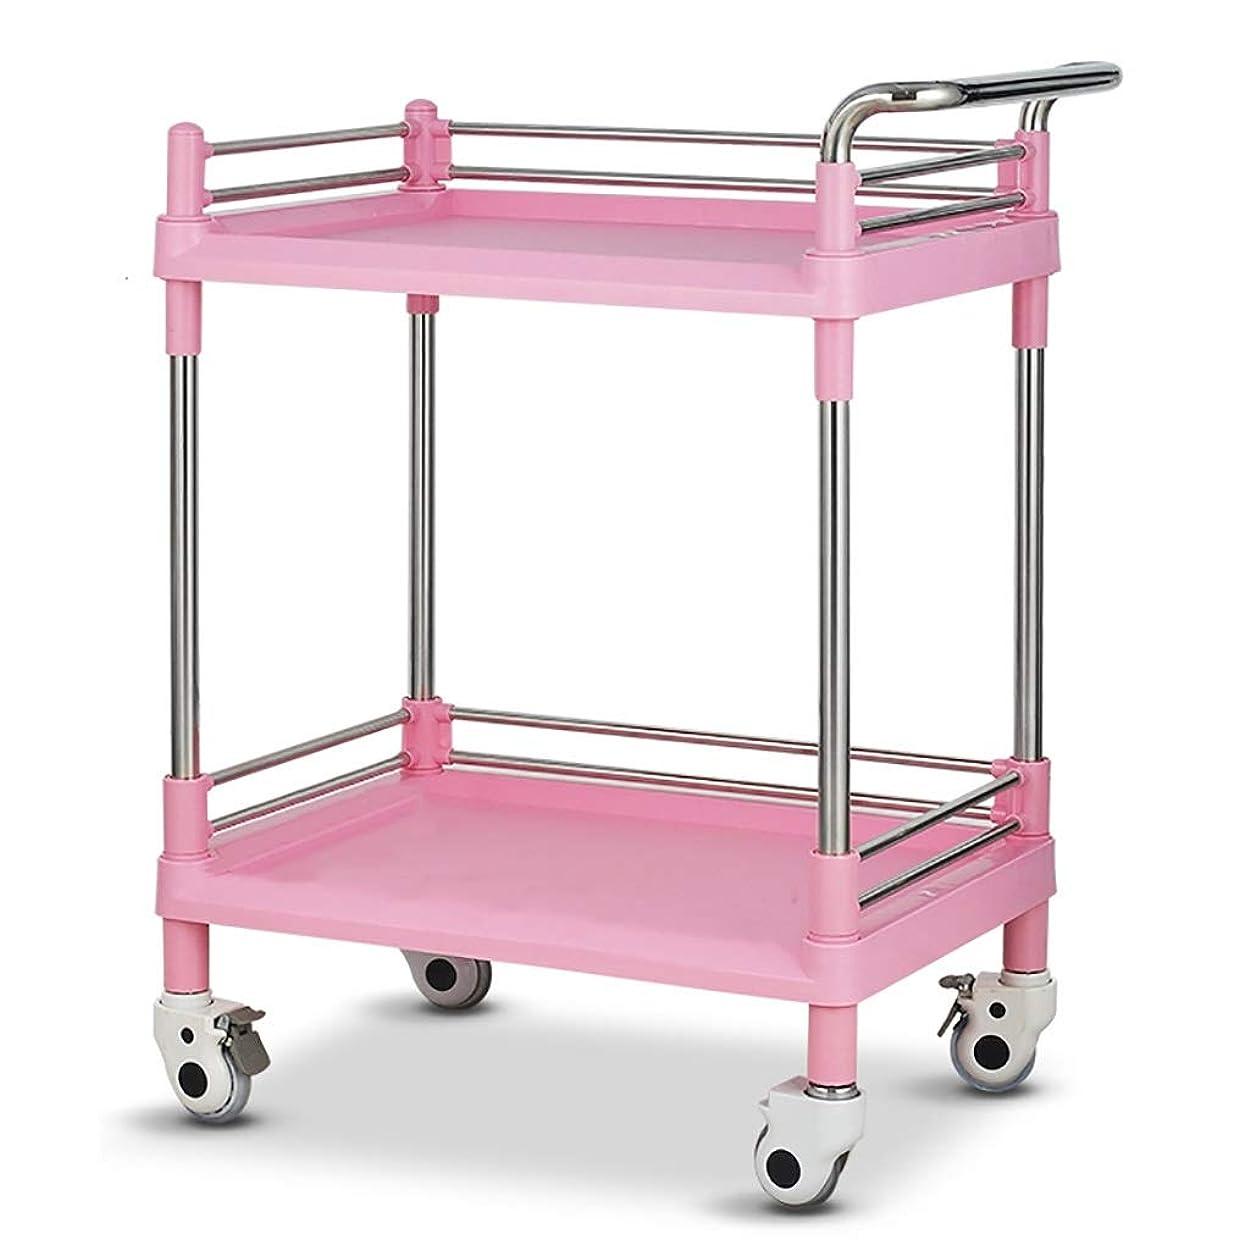 馬鹿げたガイダンス広げる美容院の医学の移動式カート、多機能の器械用具の変更の薬車のプラスチックステンレス鋼の棚 (サイズ さいず : 64.5*44.5*90cm)